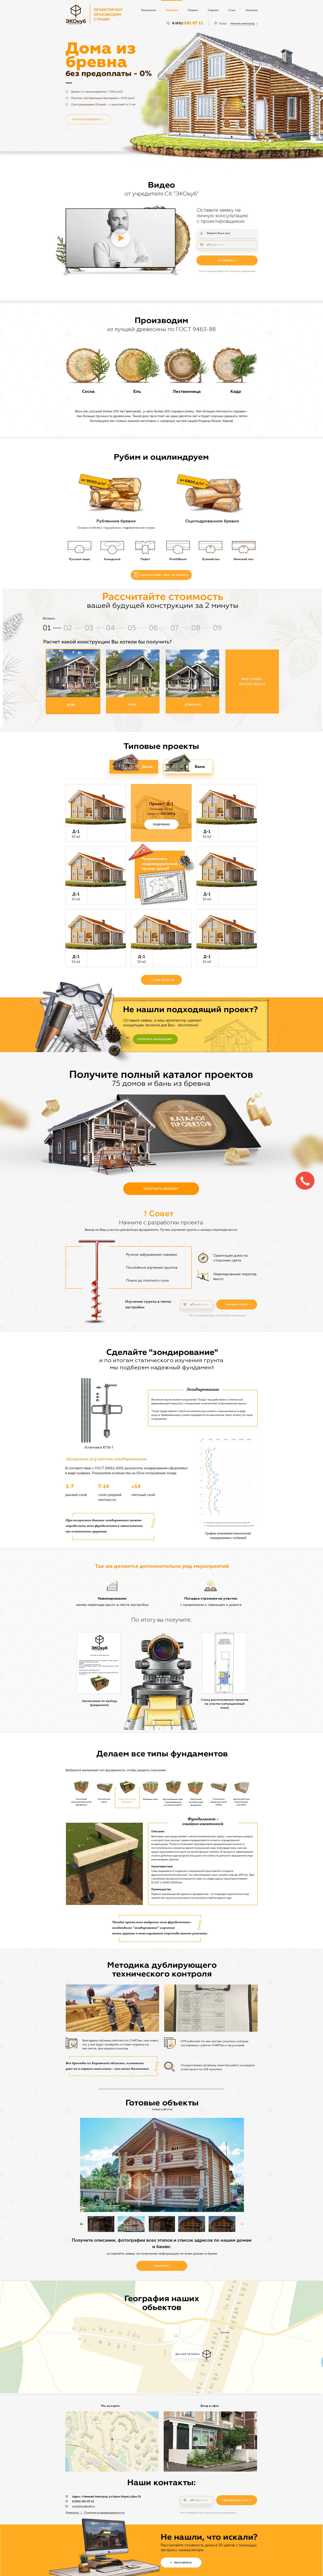 Проектирование UX и дизайн лендинга Эко куб